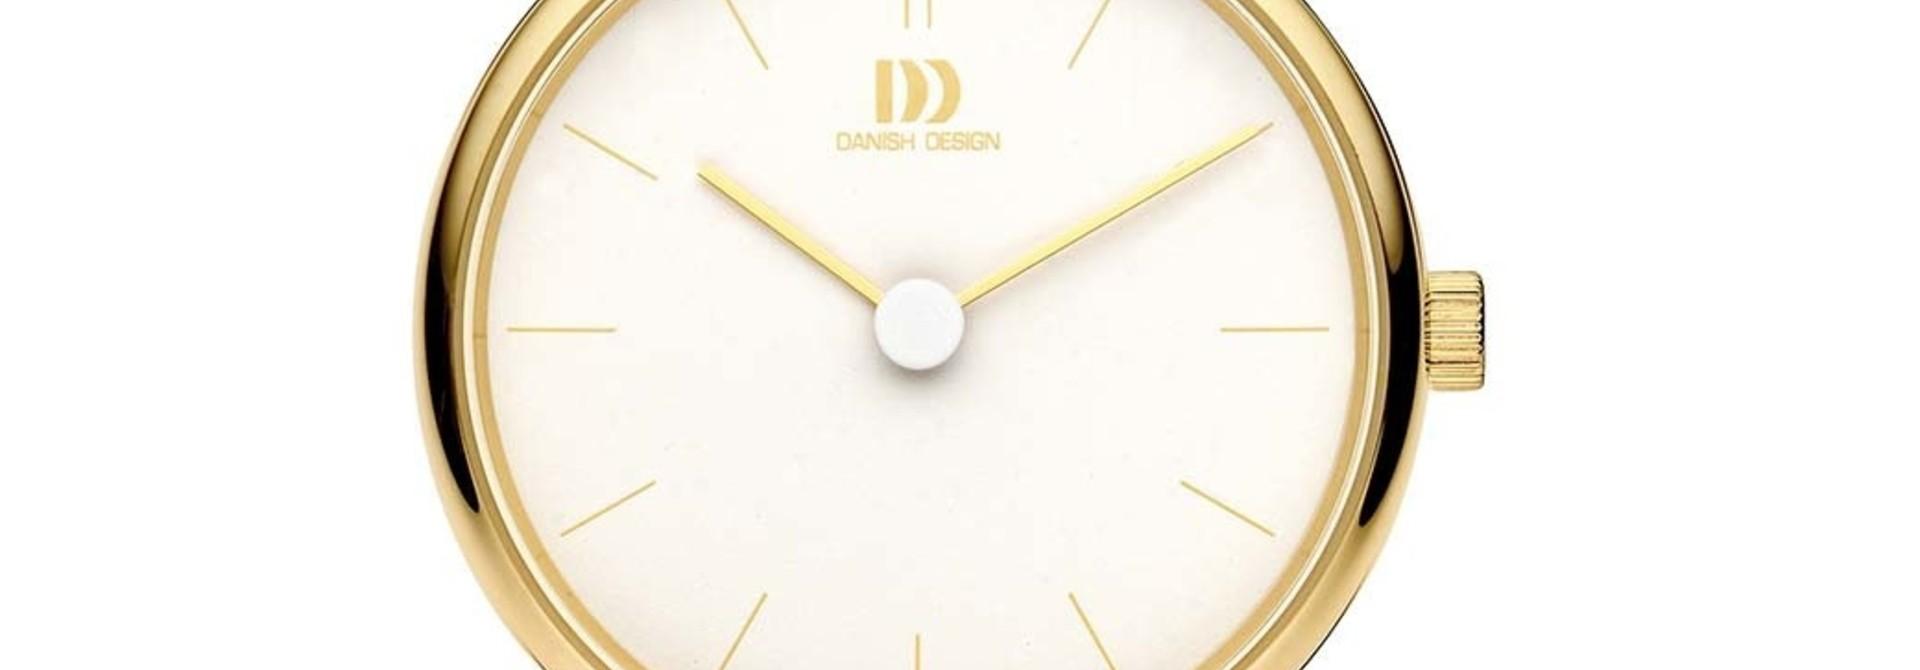 Danish Design Rosalyn Iv05Q1269